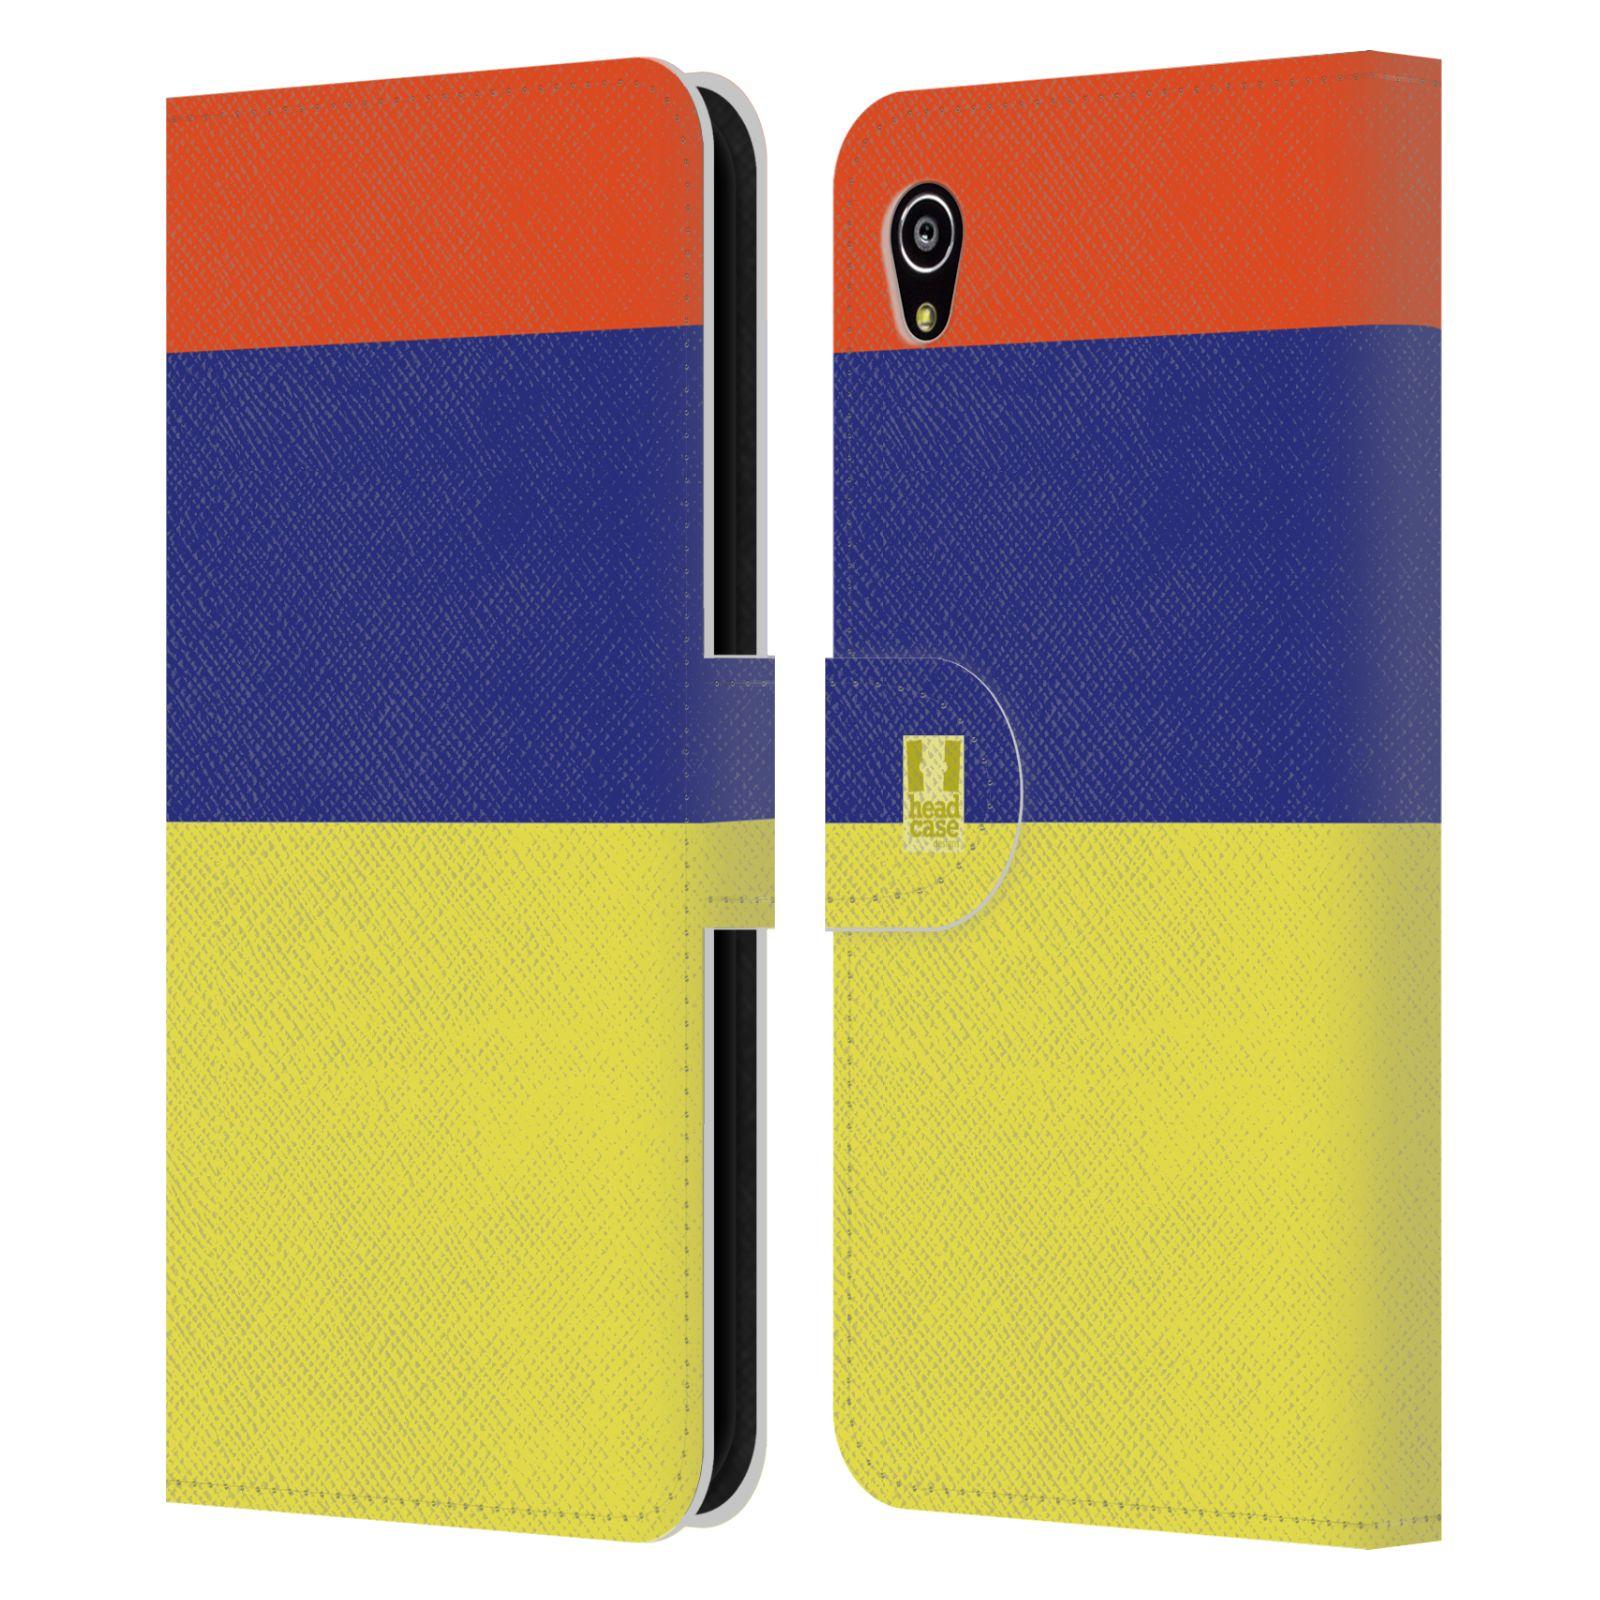 HEAD CASE Flipové pouzdro pro mobil SONY Xperia M4 Aqua barevné tvary žlutá, modrá, červená